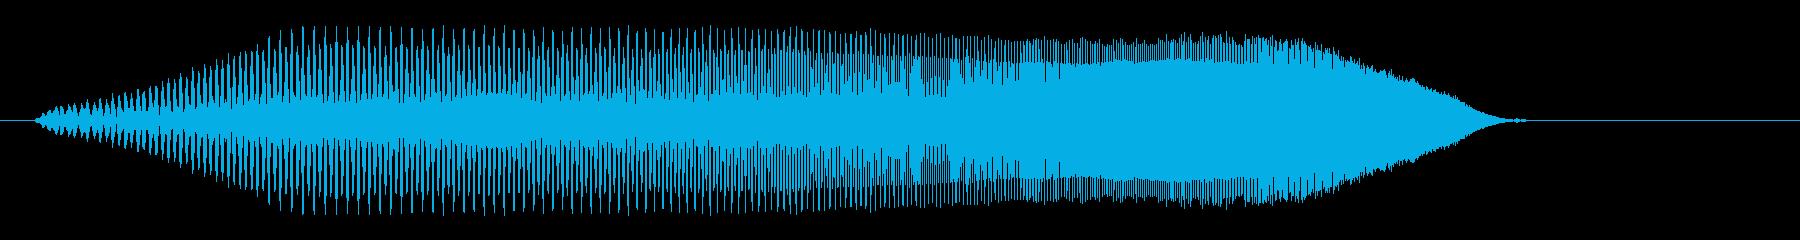 プーィ、プーィ↑、プー(コミカル電子音)の再生済みの波形